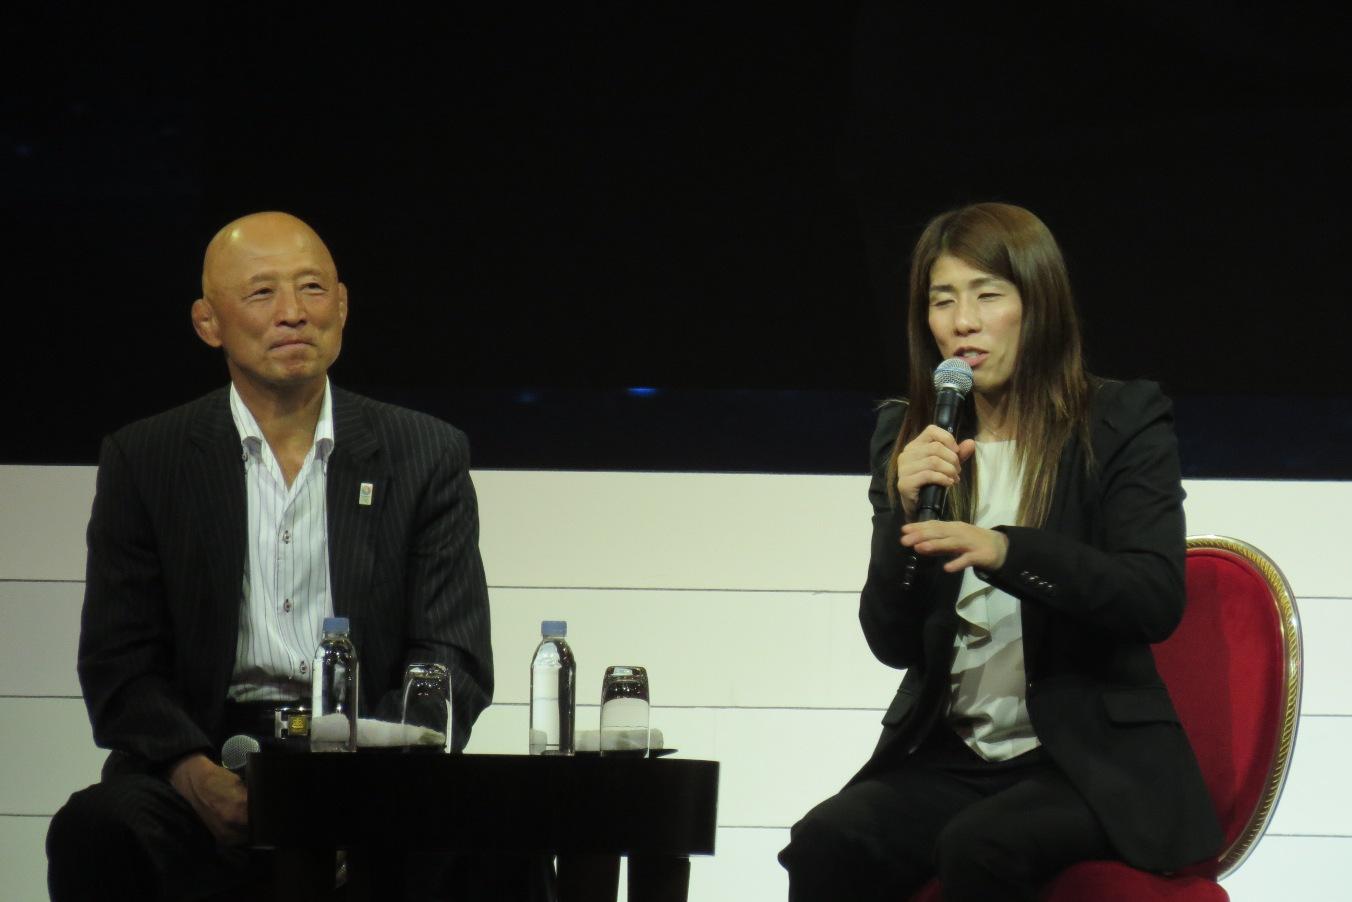 栄監督と吉田選手 トークショー